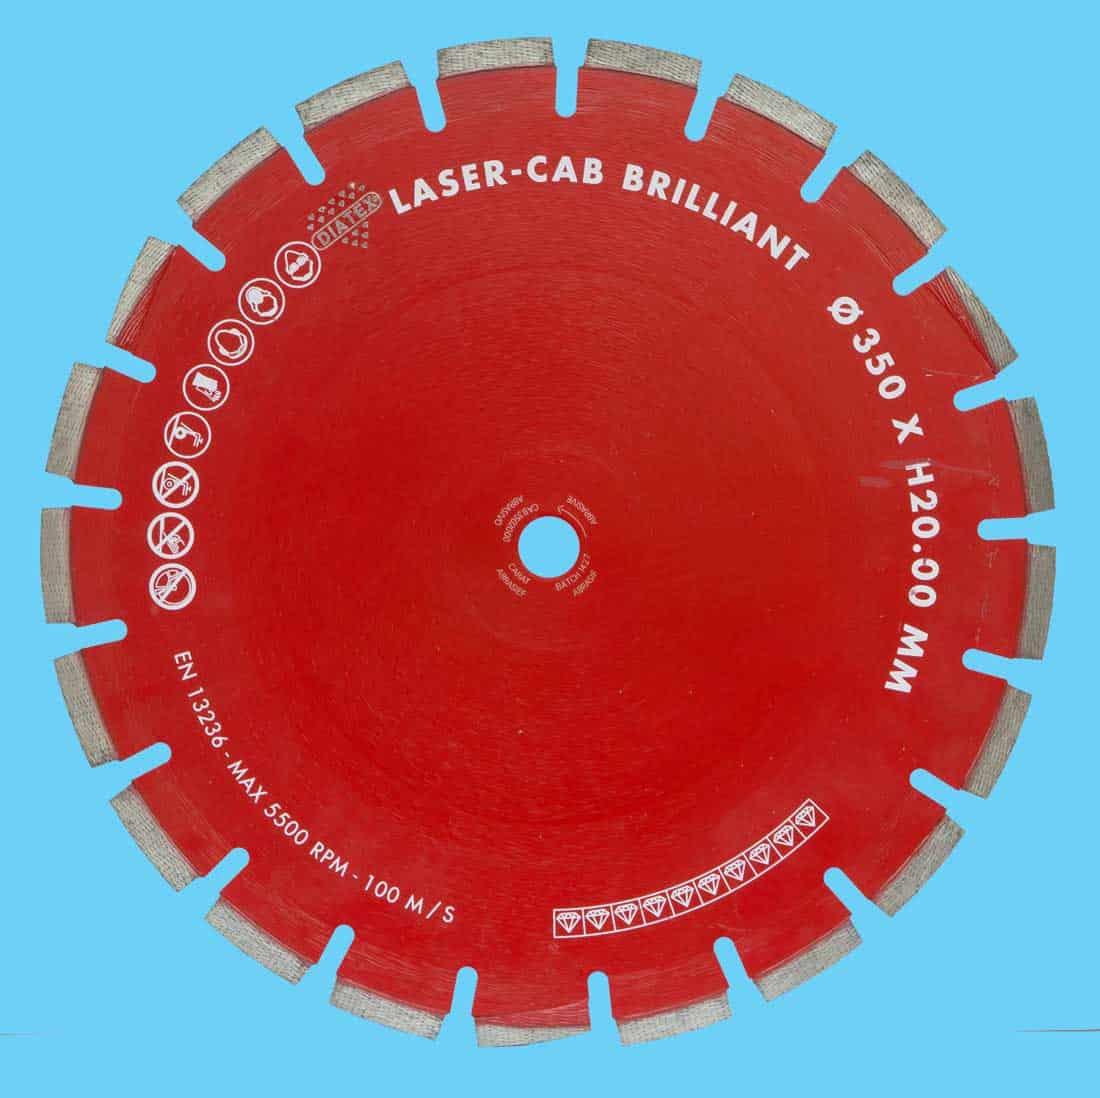 Carat-LASER-ASPHALT-BRILLIANT-CAB_03